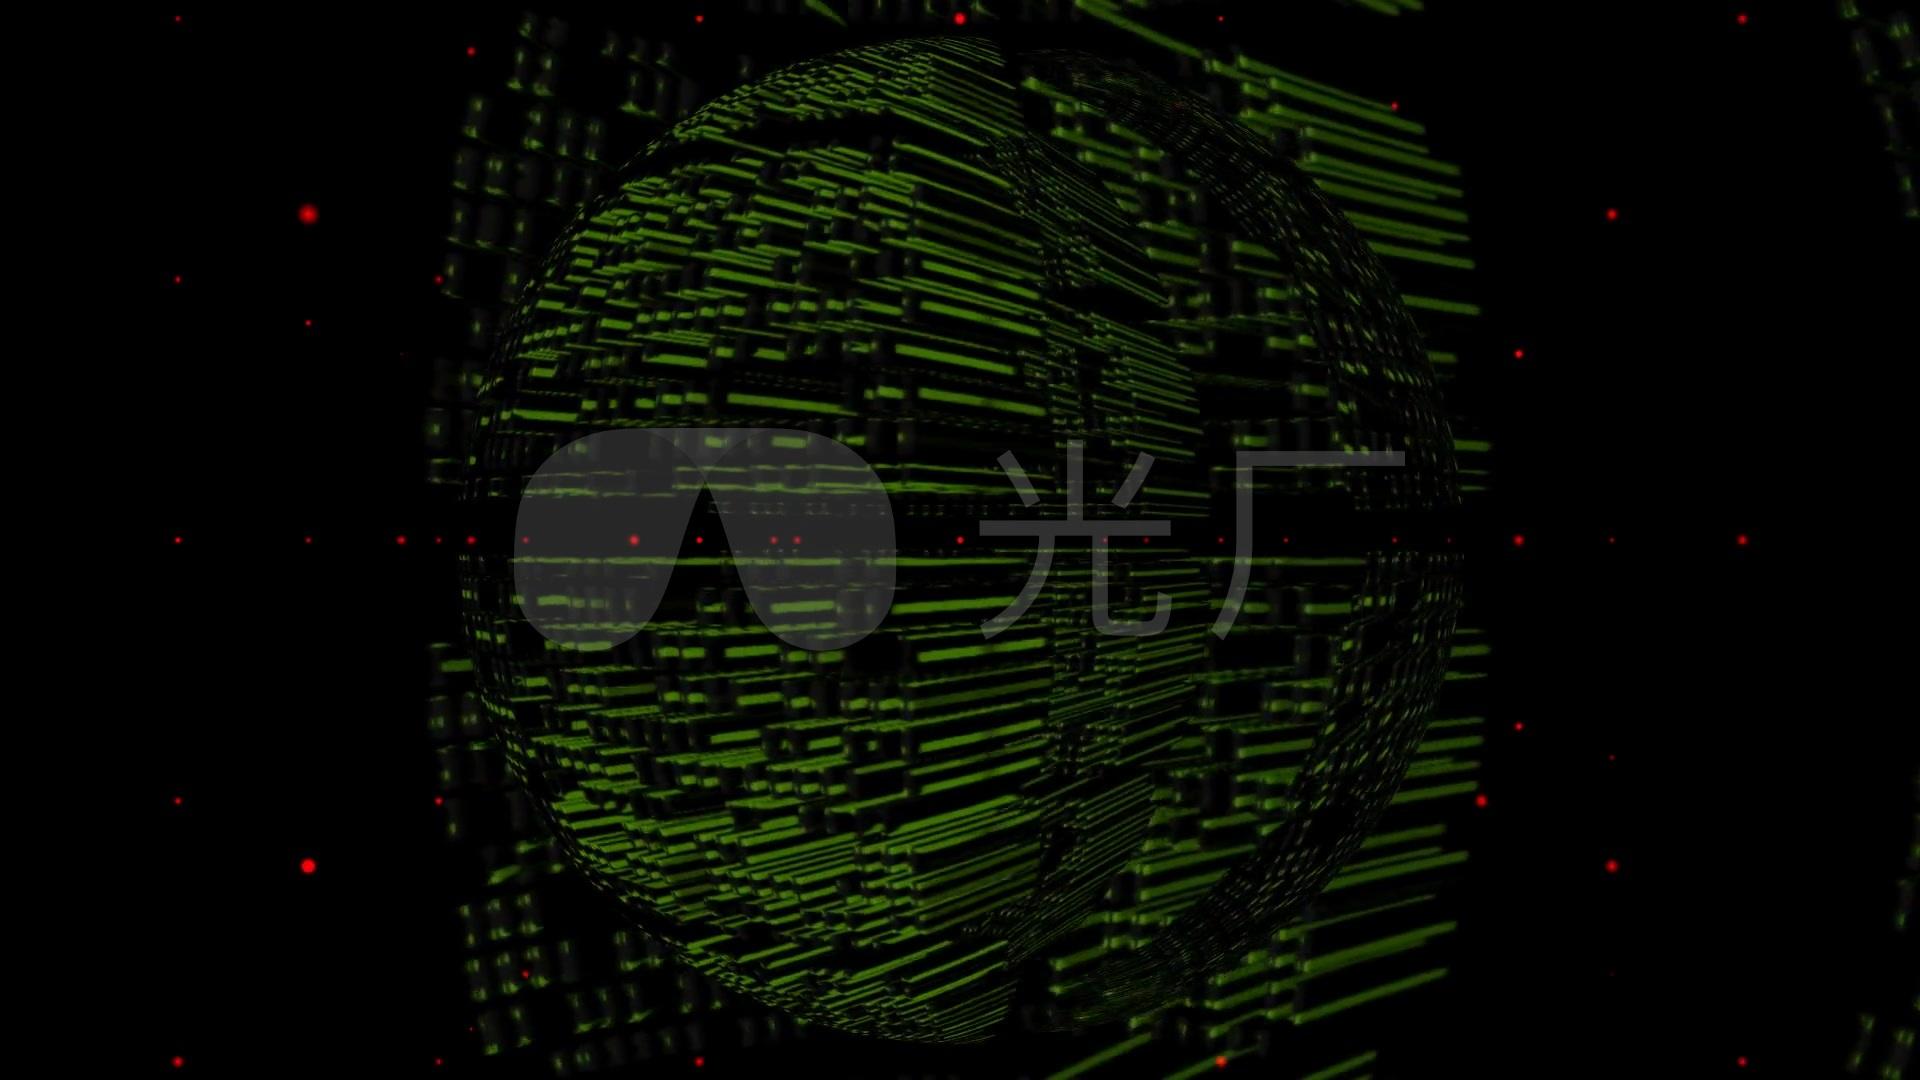 超级计算机黑客数据中心机房超级计算_1920x1080_高清